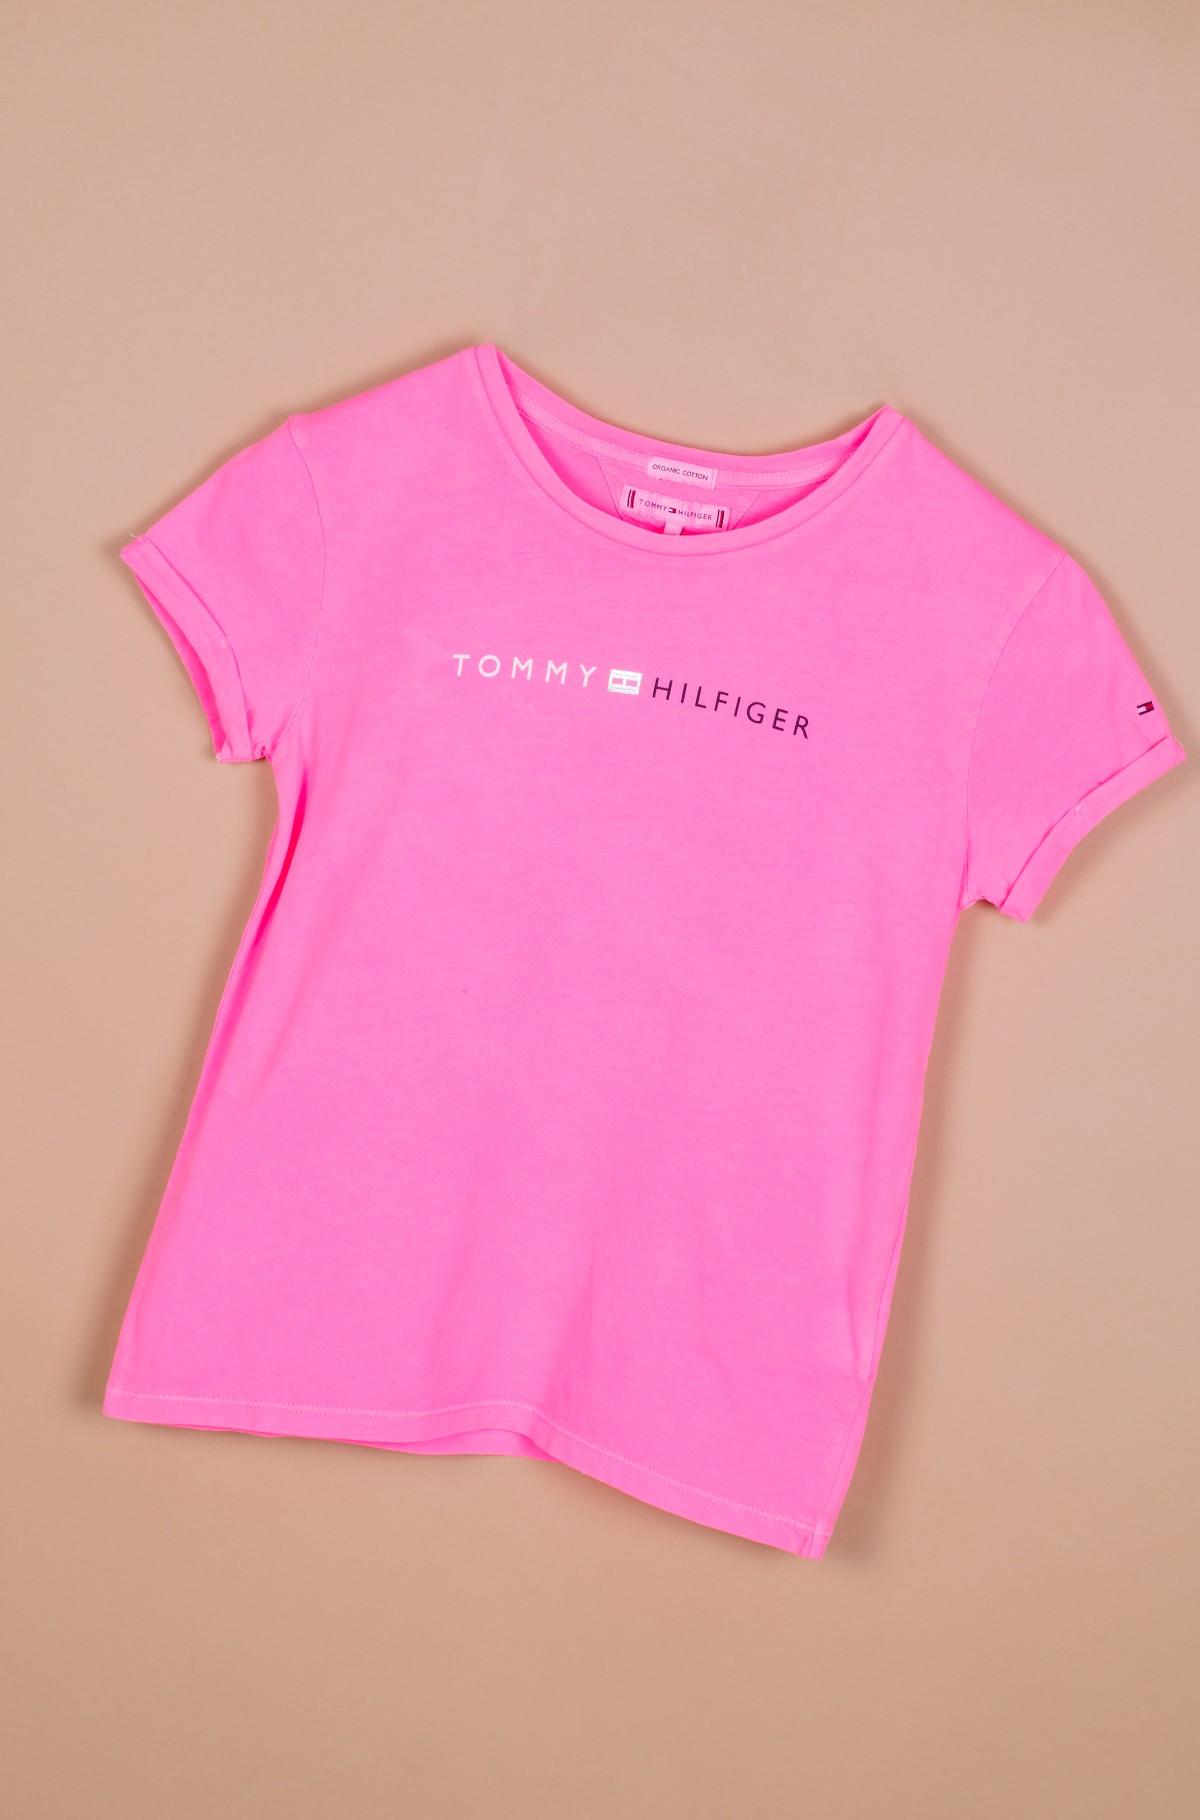 Vaikiški marškinėliai trumpomis rankovėmis ESSENTIAL TOMMY ROLL UP TEE S/S-full-1